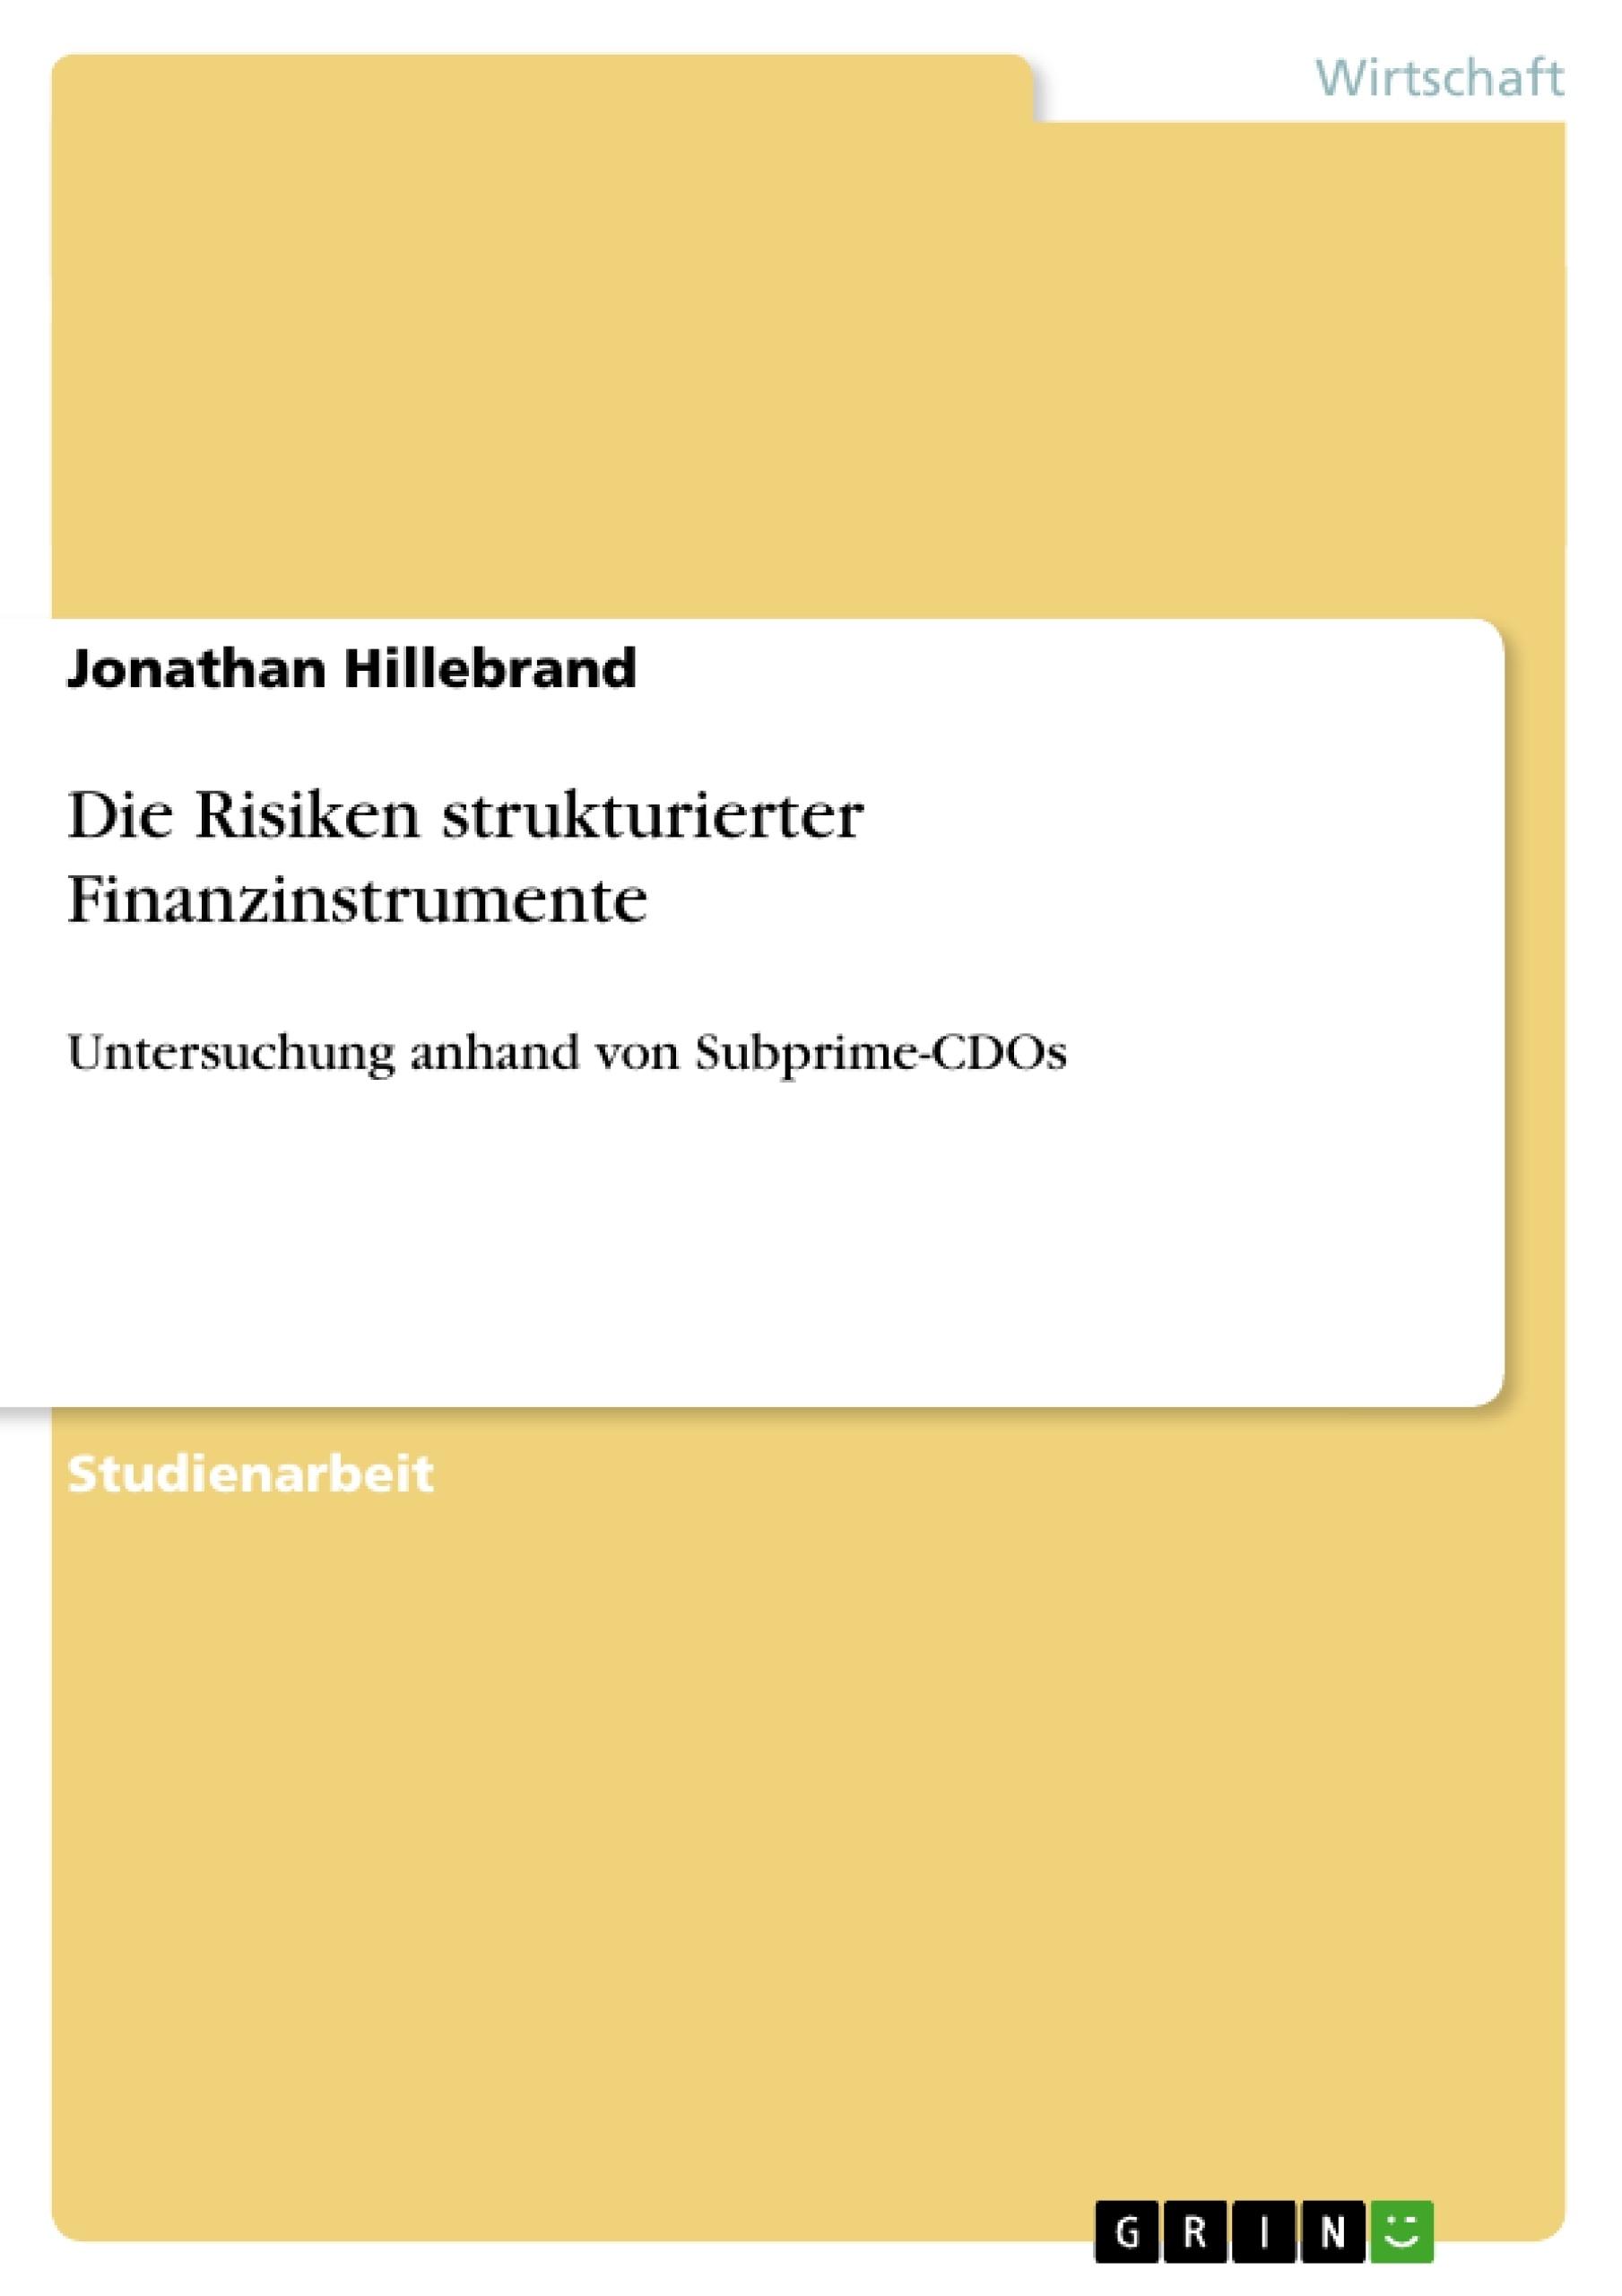 Titel: Die Risiken strukturierter Finanzinstrumente